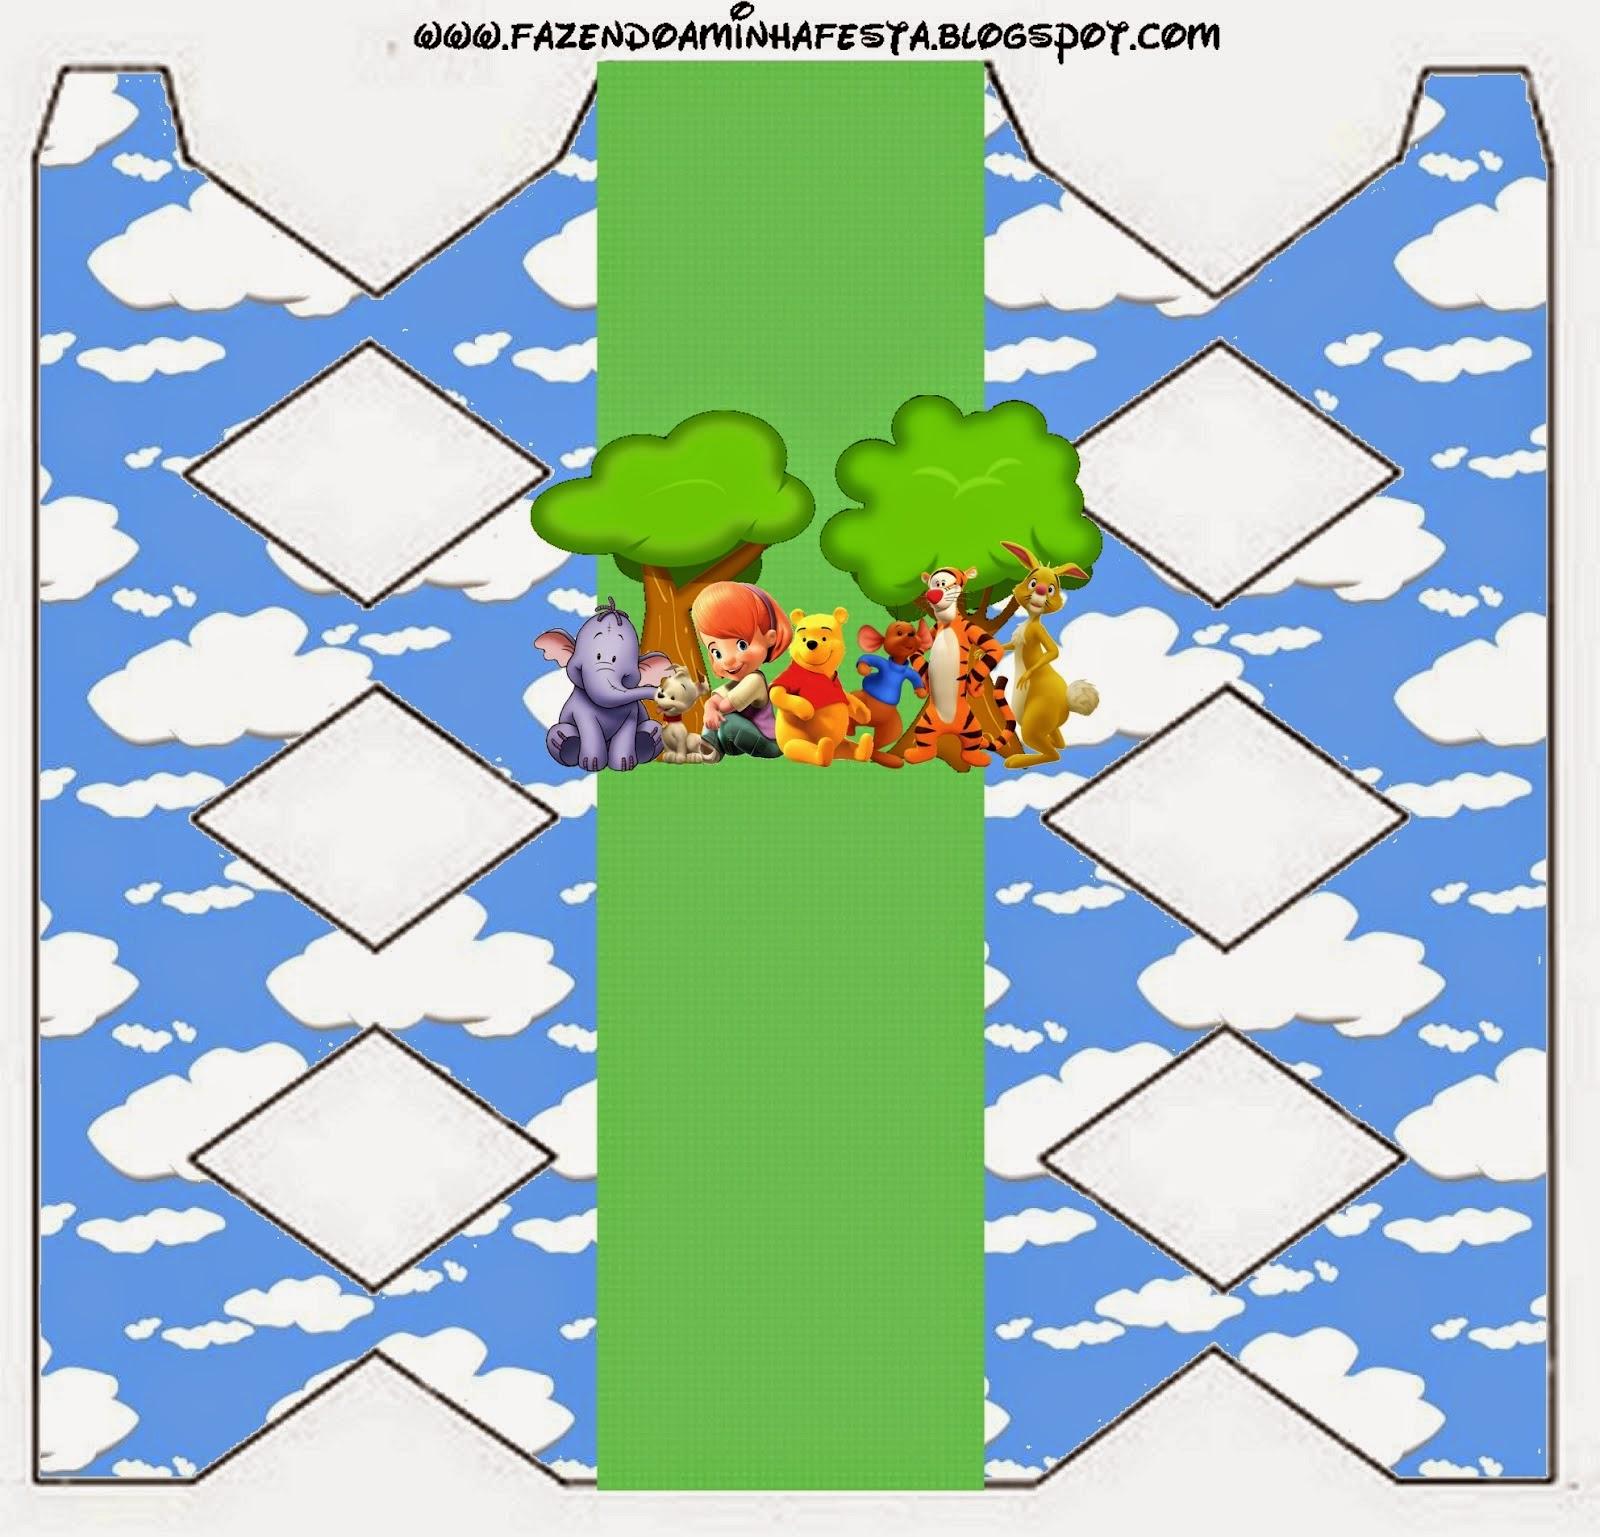 Imprimibles Gratis para Fiestas de Winnie the Pooh